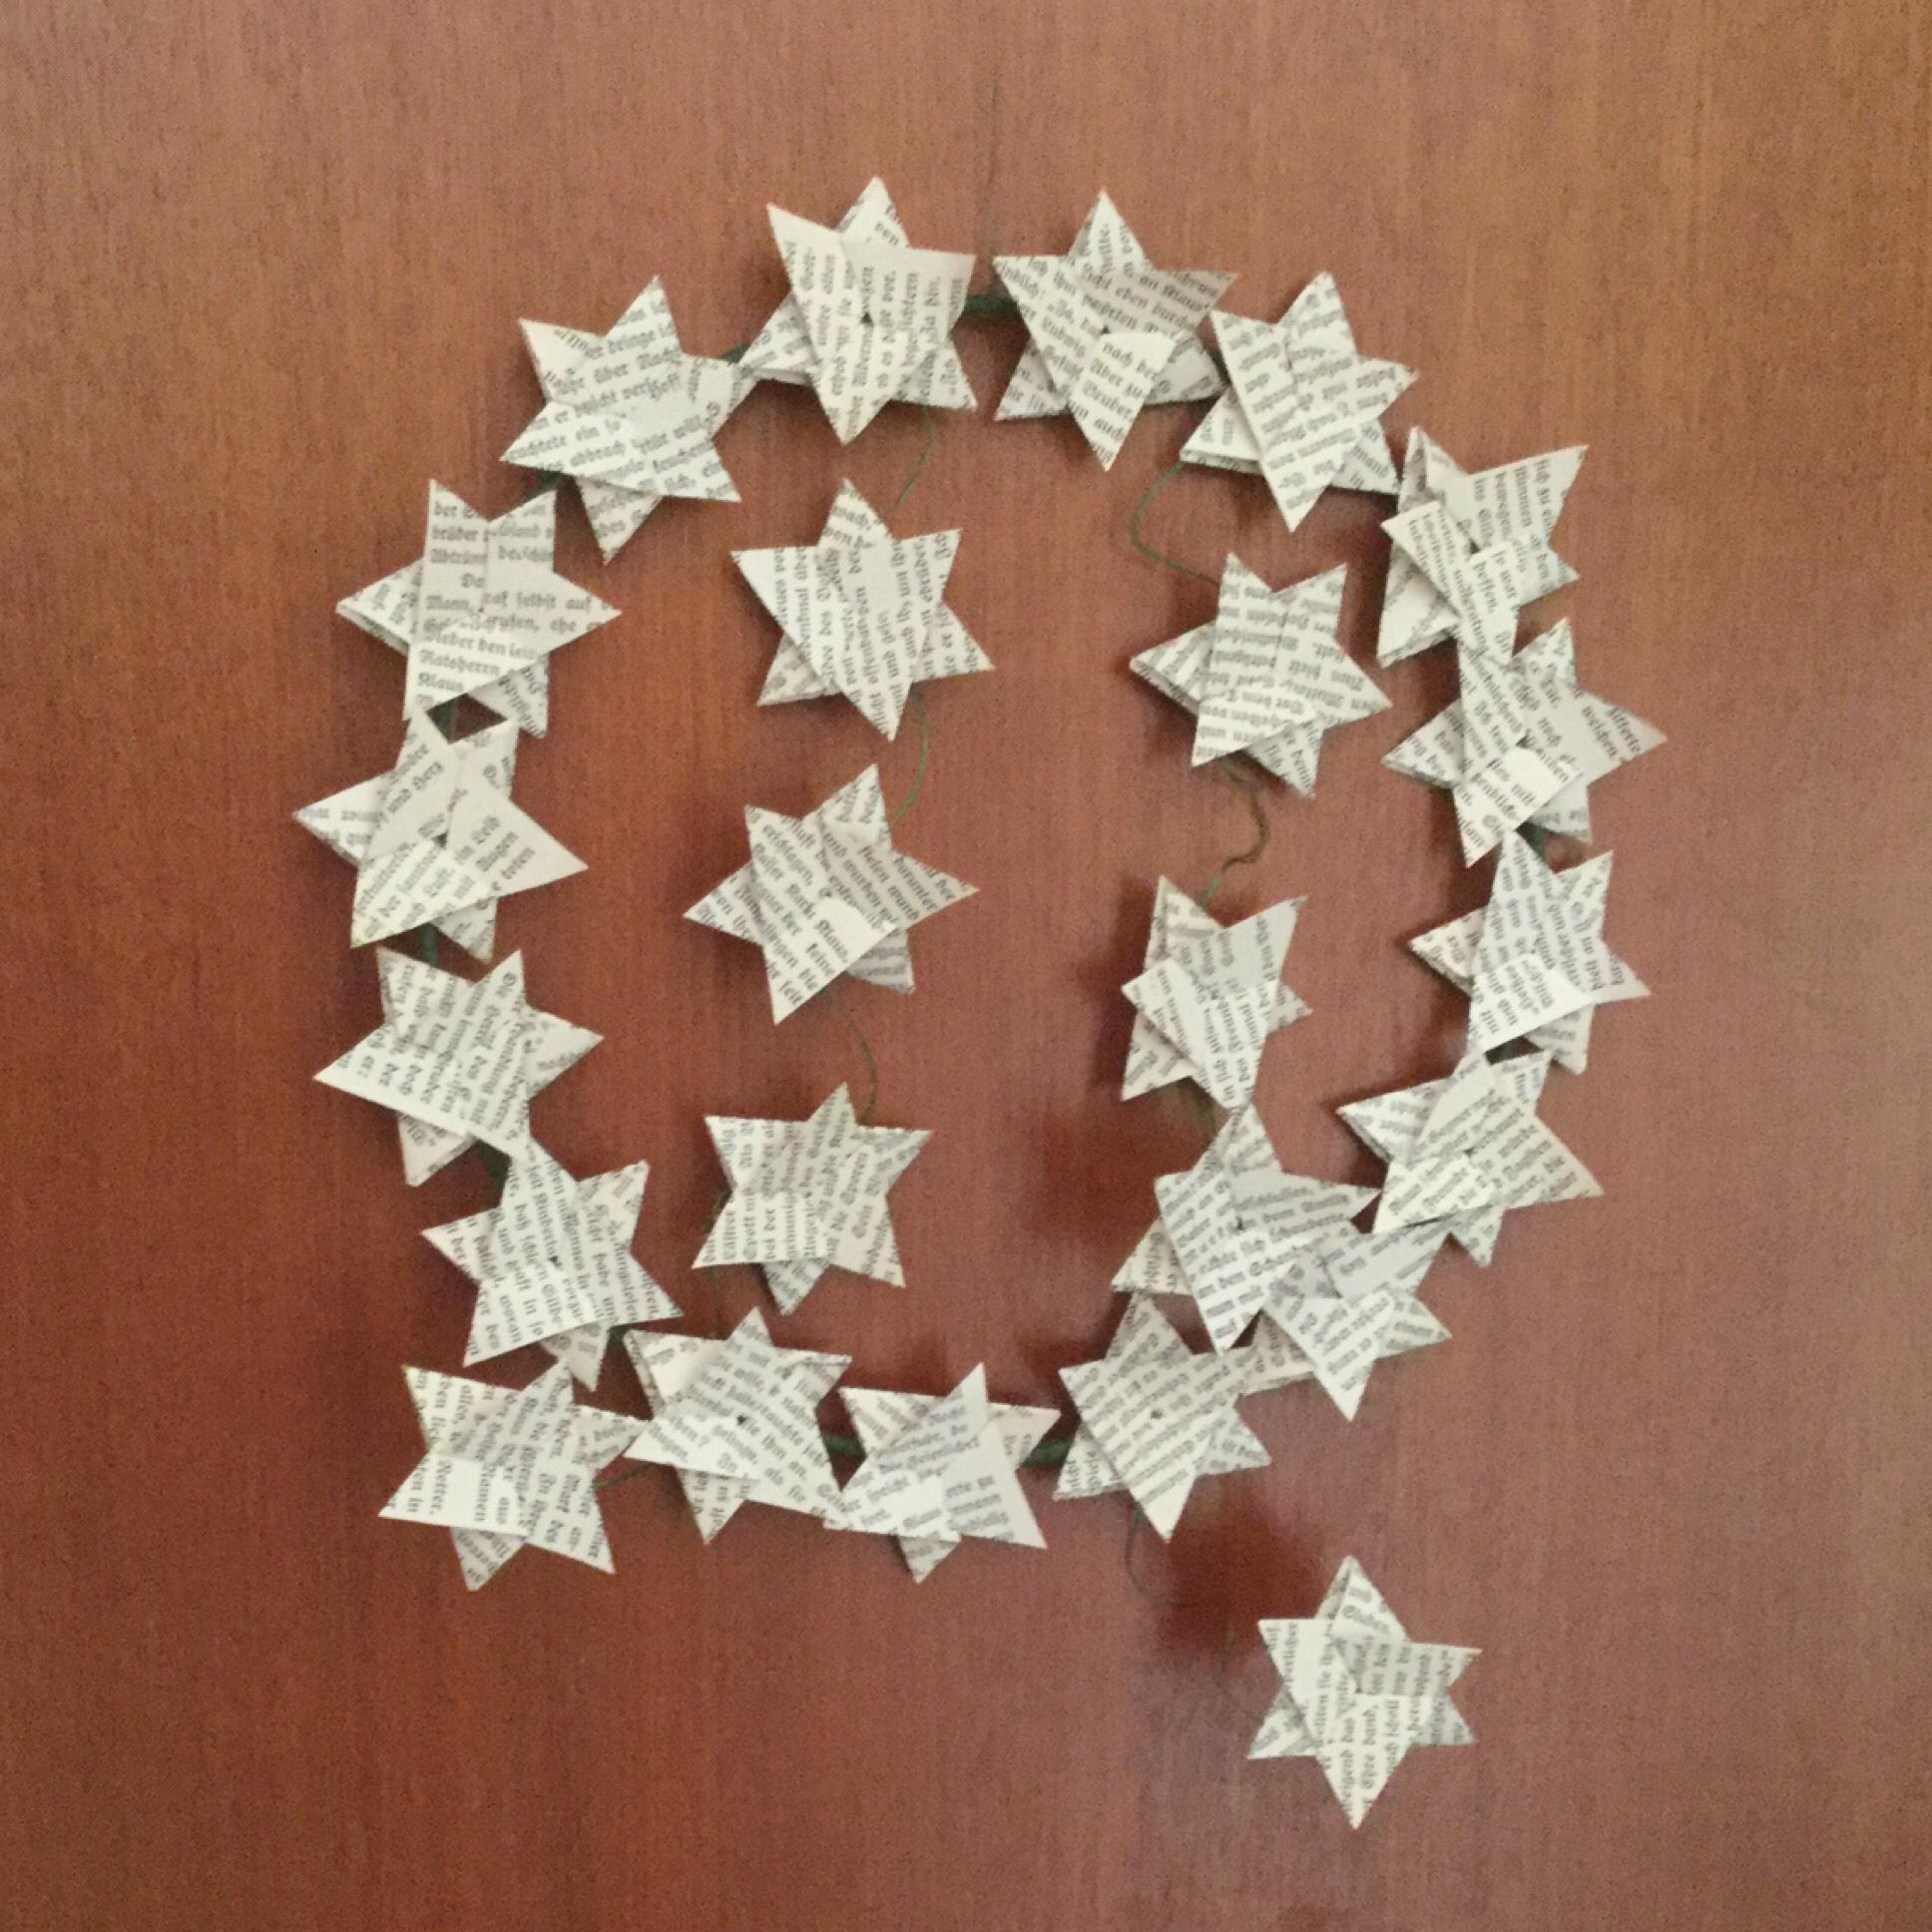 Weihnachtszeit bei Lilamalerie #3 – oder – Alte Bücher reloaded: Kranz aus gefalteten Sternen